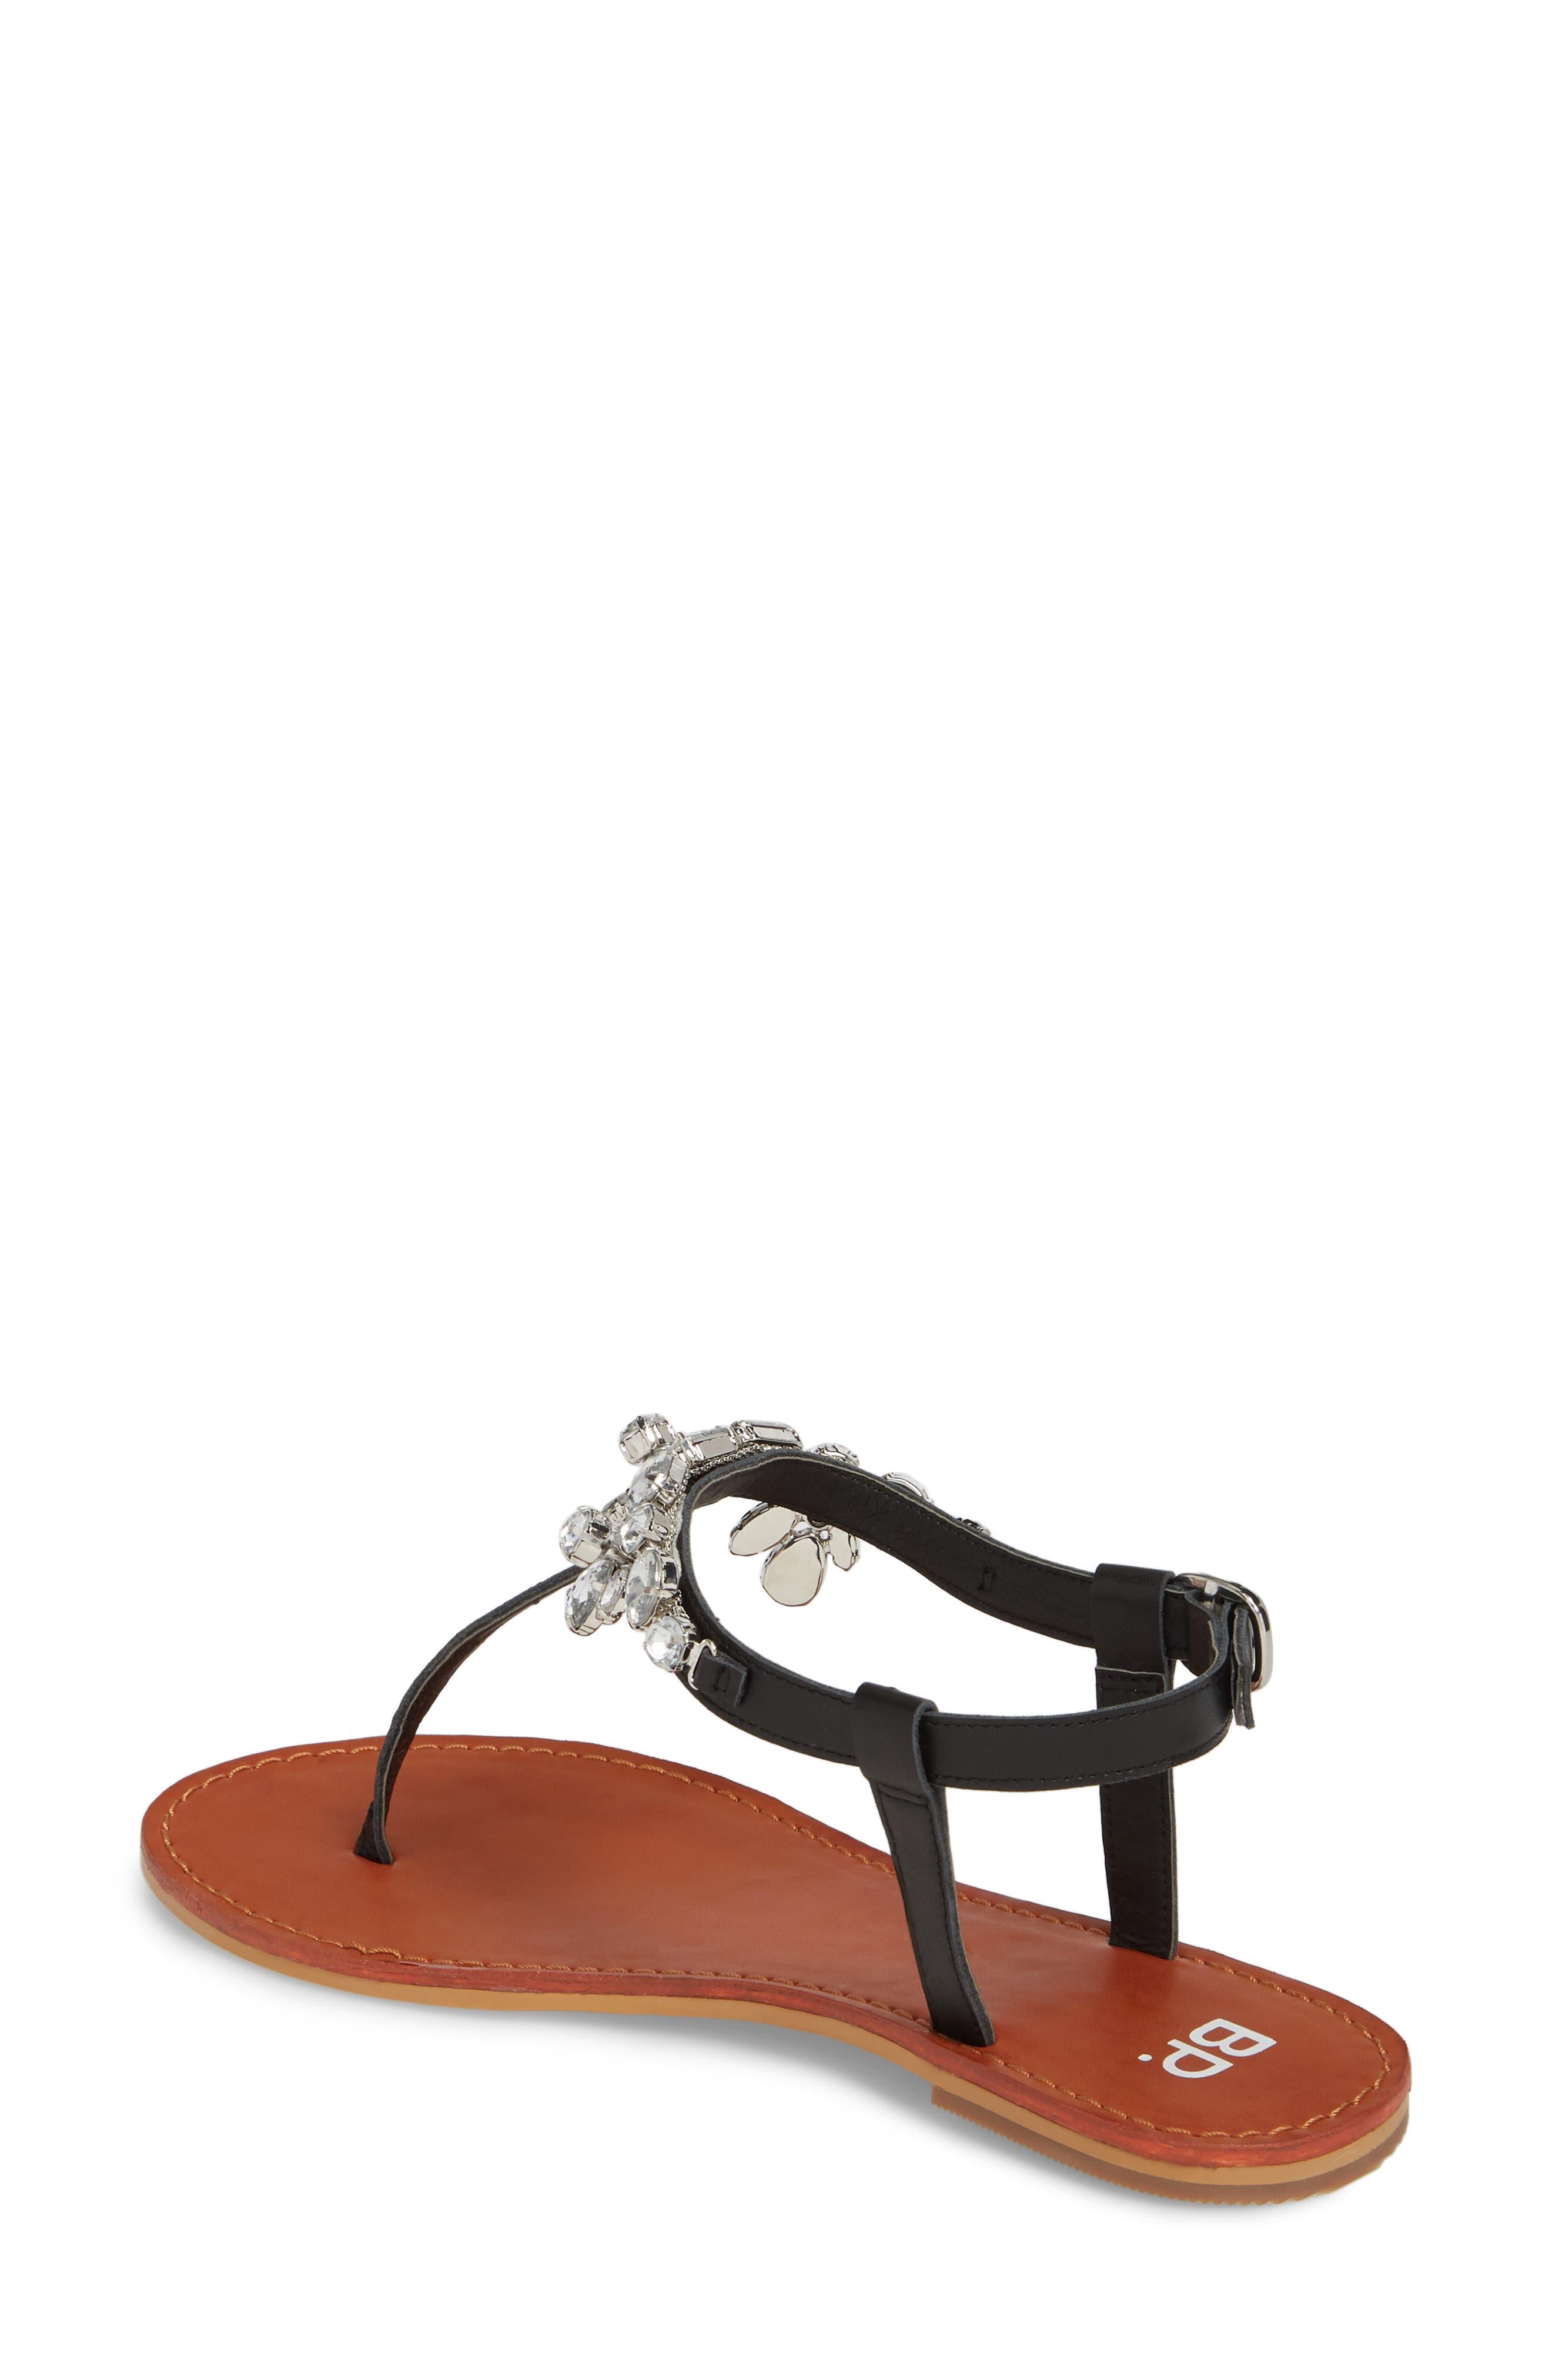 Rock Embellished T-Strap Sandal,                             Alternate thumbnail 2, color,                             001